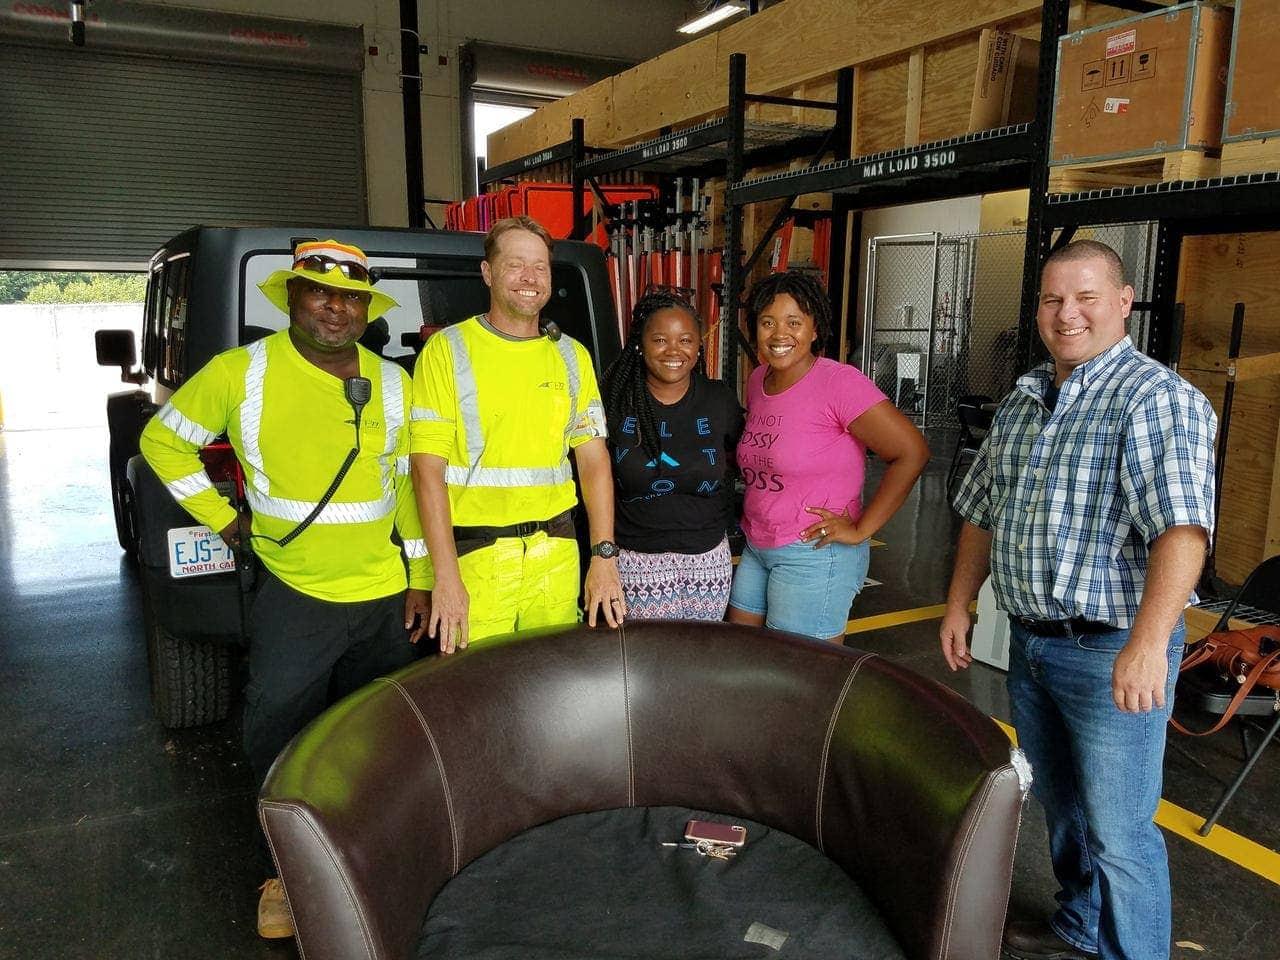 Furniture roadway rescue I-77MP_